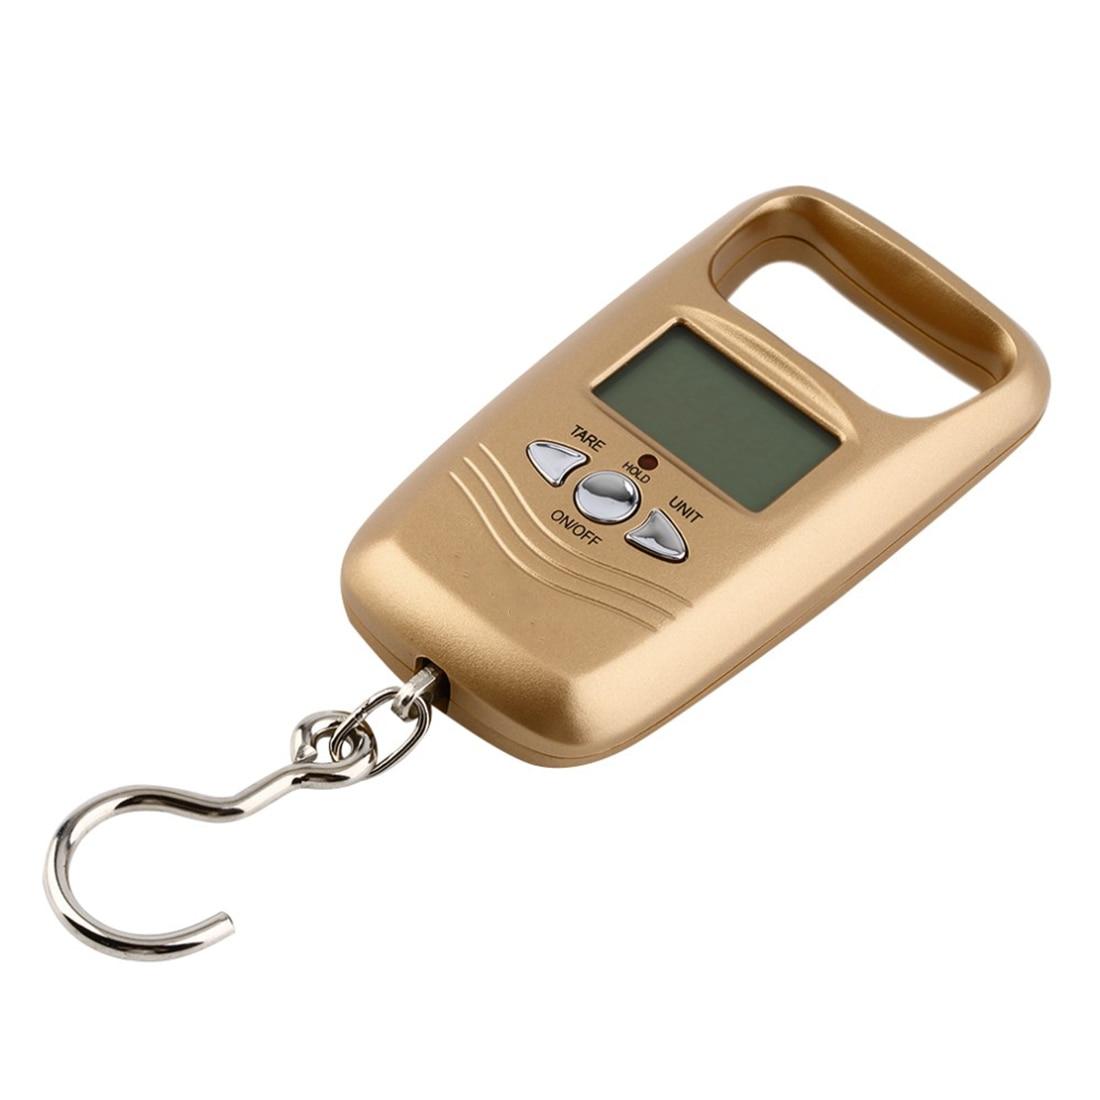 1 pcs Mini 50 kg LCD Numérique Hanging Bagages Pondération Échelle de Crochet de Pêche Électronique de Poche Portable Échelle Or Couleur